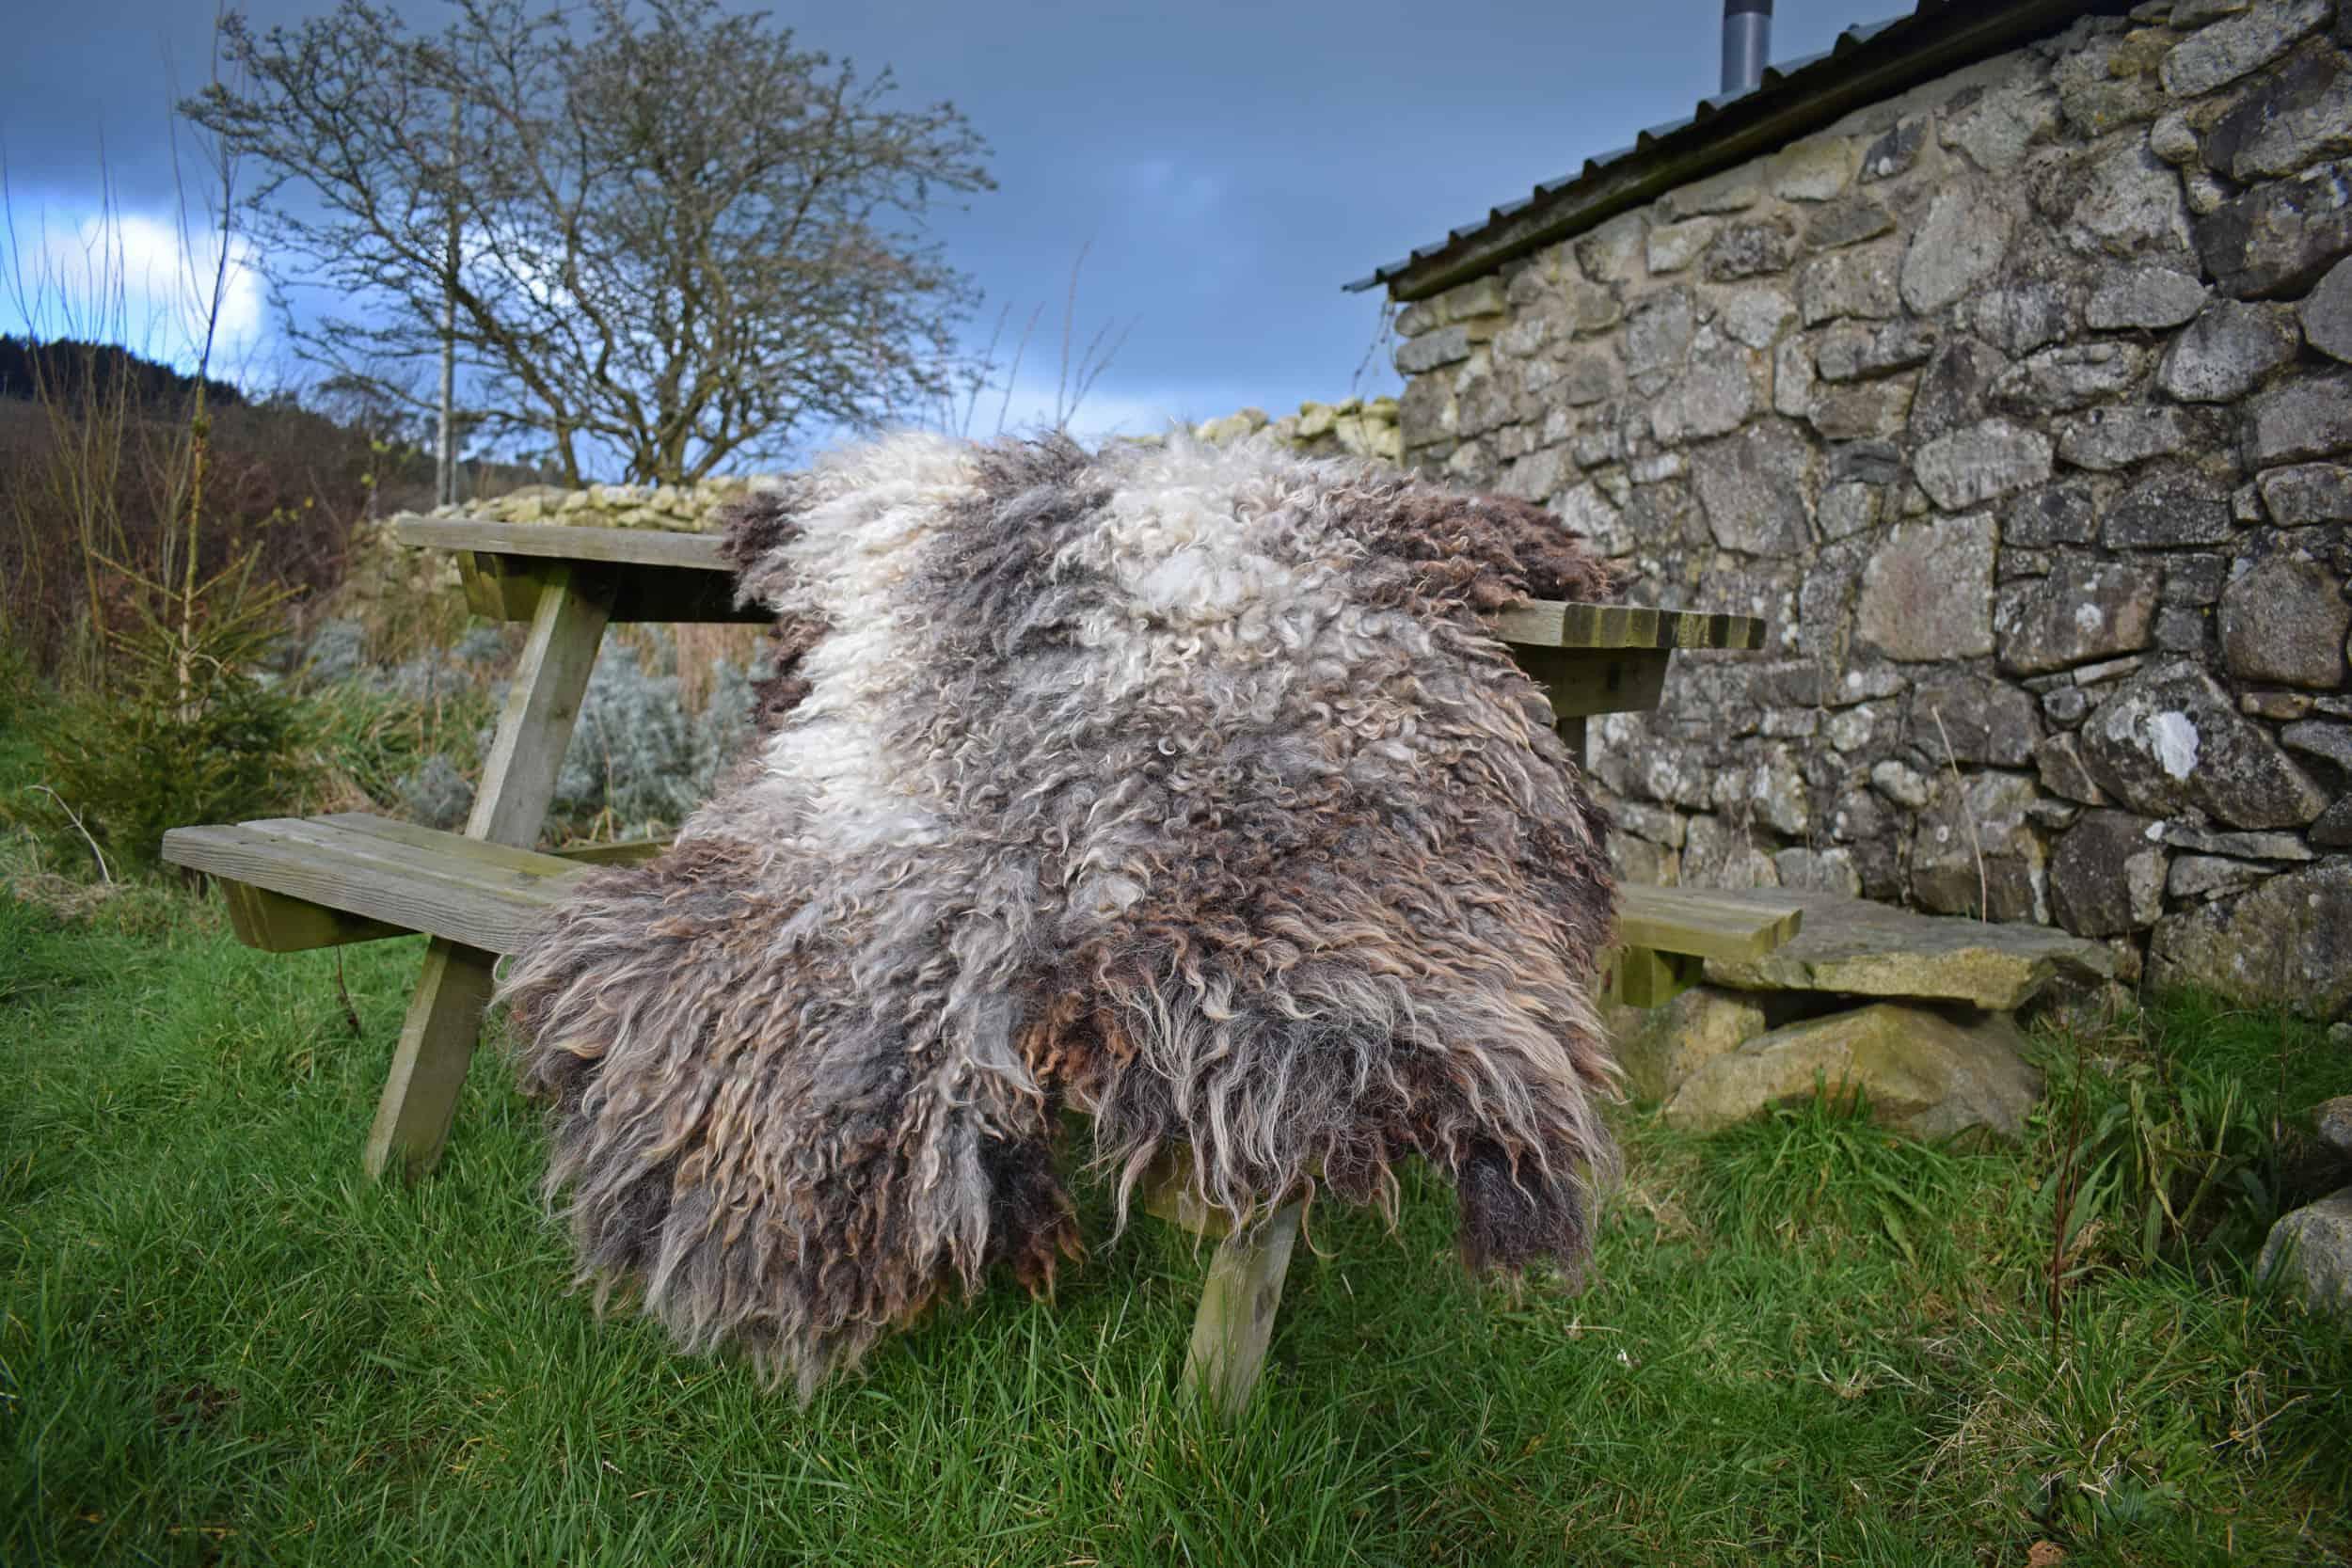 felted fleece sheepskin